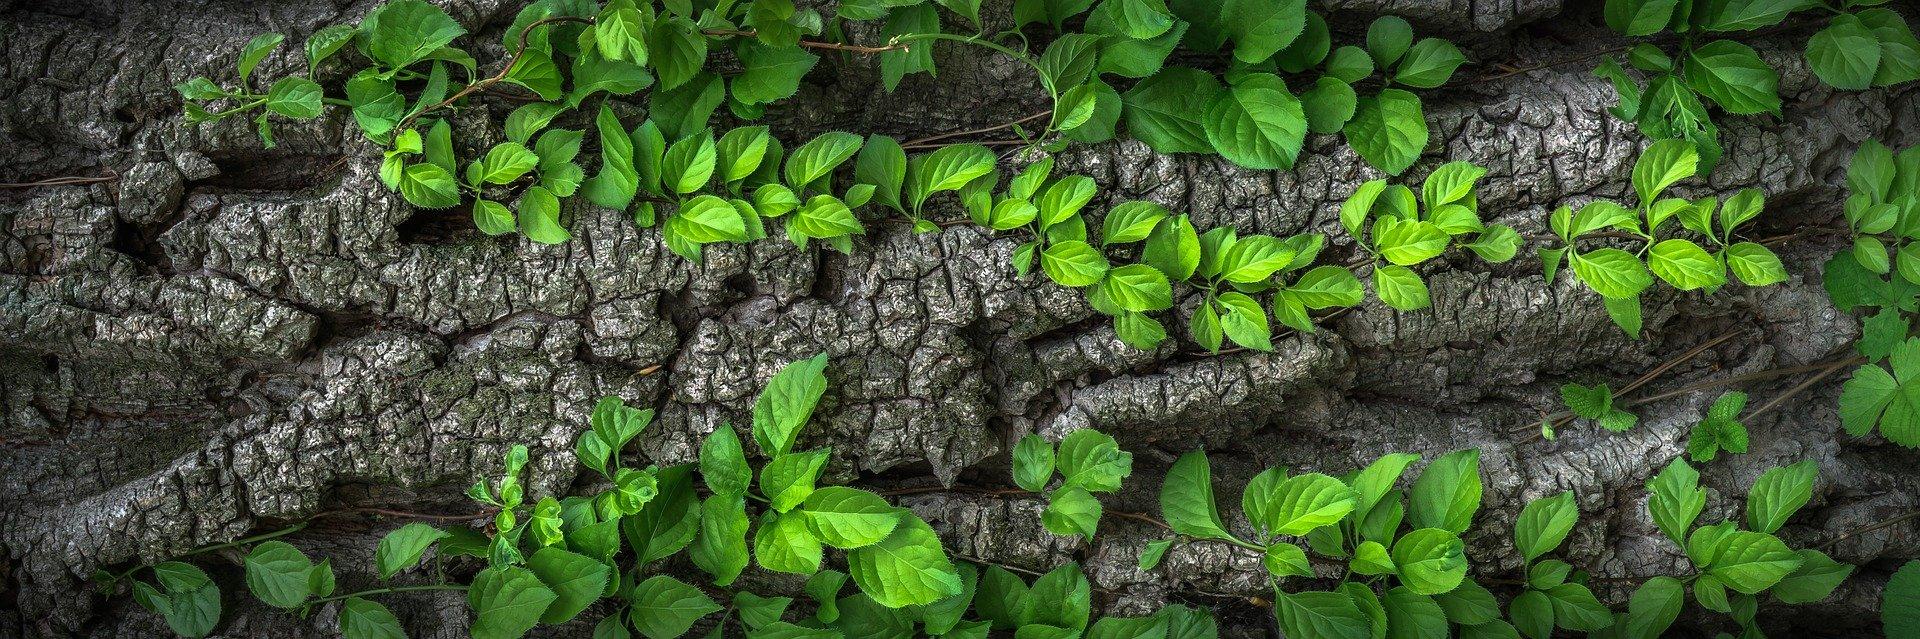 leaves-1350175_1920